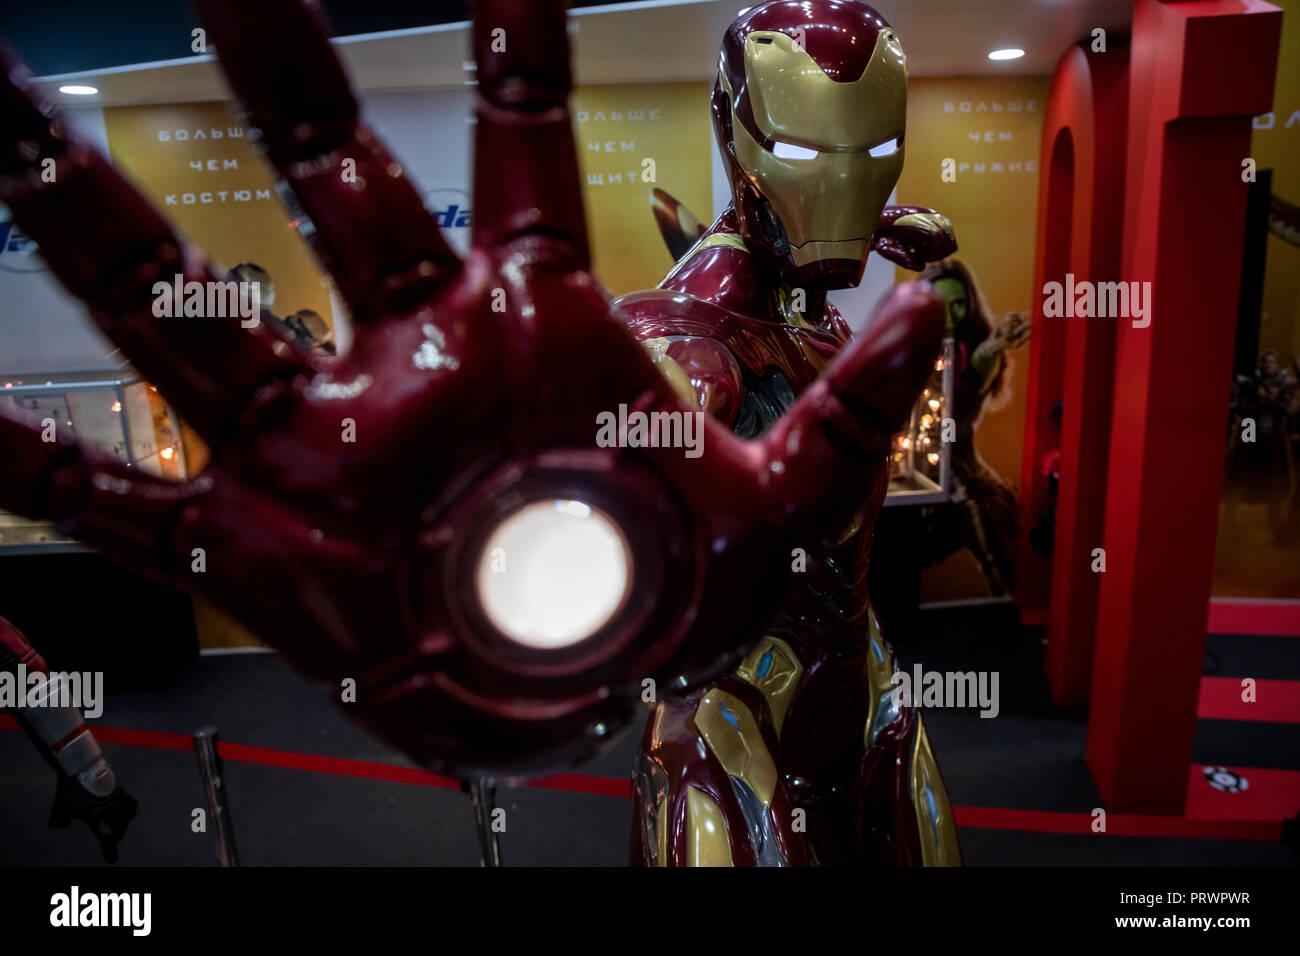 Moskau, Russland. 04 Oktober, 2018 die Teilnehmer der Comic Con Russland 2018 und die 2018 Igromir Computer- und Videospiele Ausstellungen im Crocus Expo International Exhibition Center in Moskau, Russland Credit: Nikolay Winokurow/Alamy leben Nachrichten Stockbild